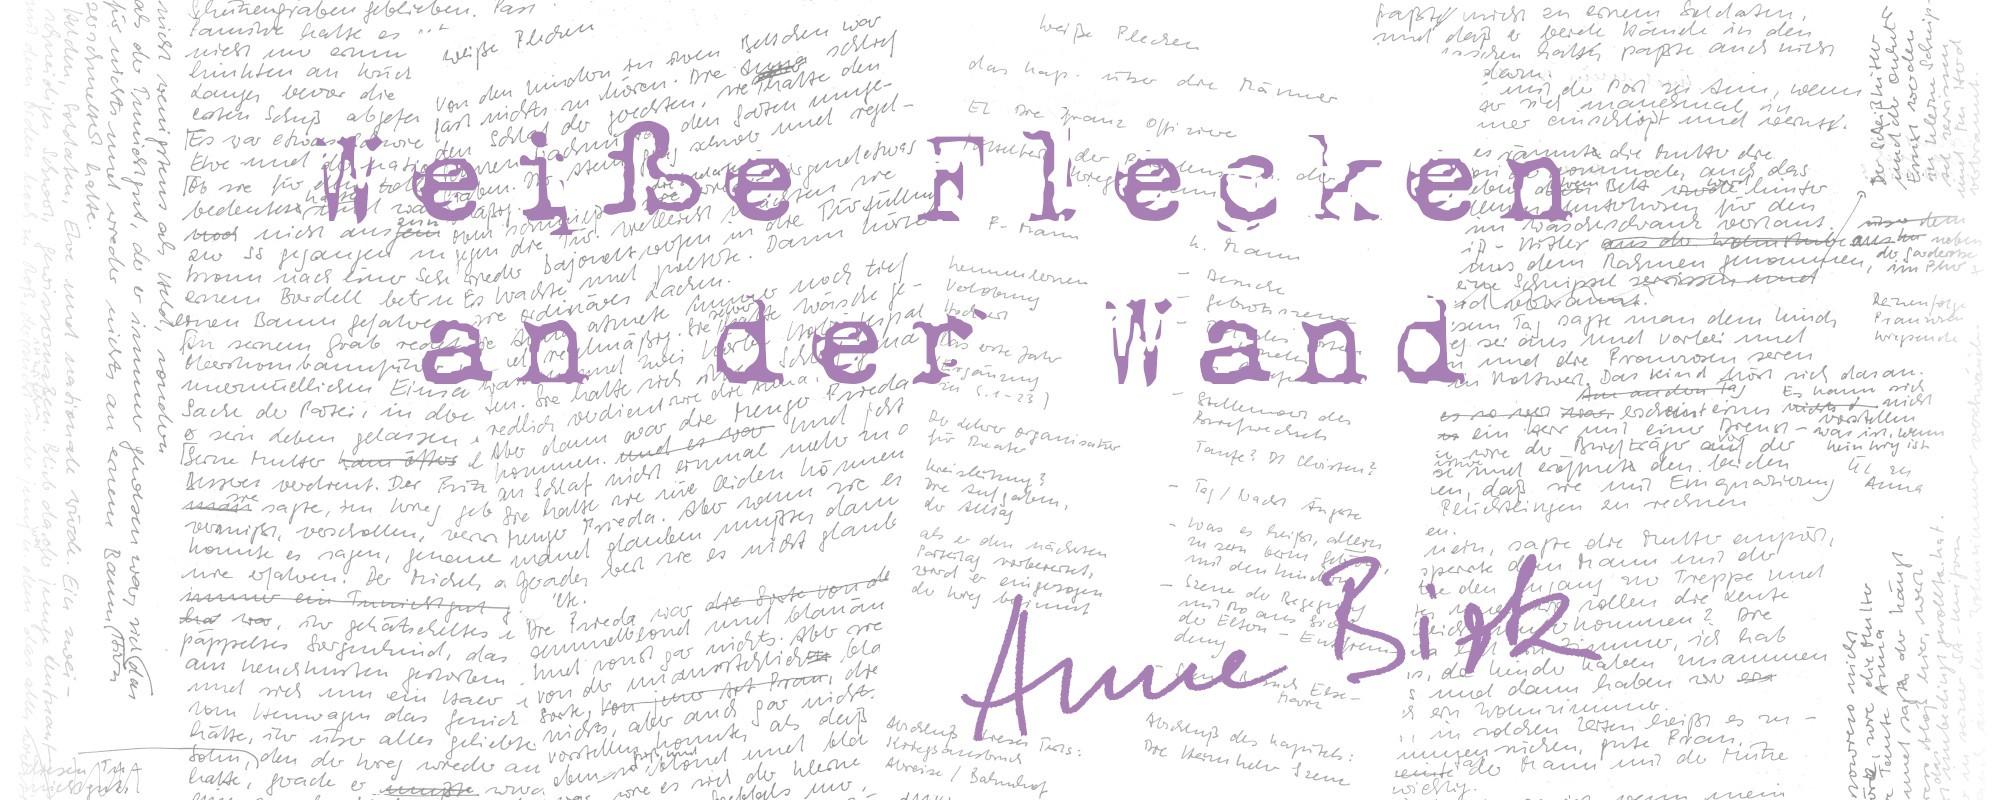 Anne-Birk-Weisse-Flecken-an-der-Wand-Schriftbild